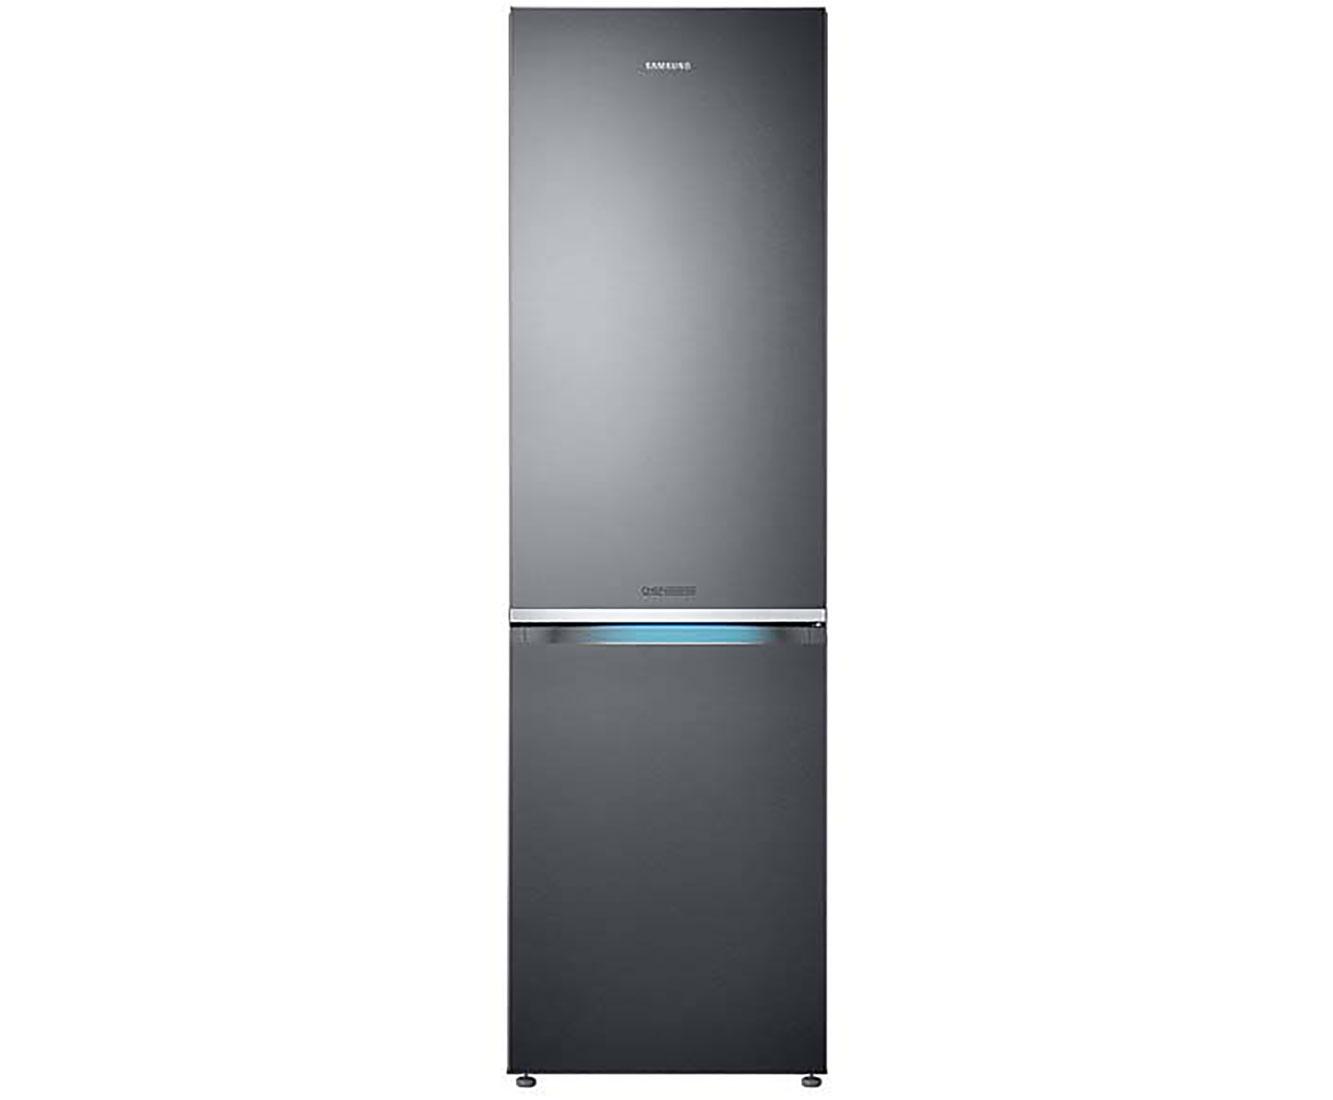 Kühlschrank Zubehör Samsung : Samsung chef collection rl j b kühl gefrierkombination mit no